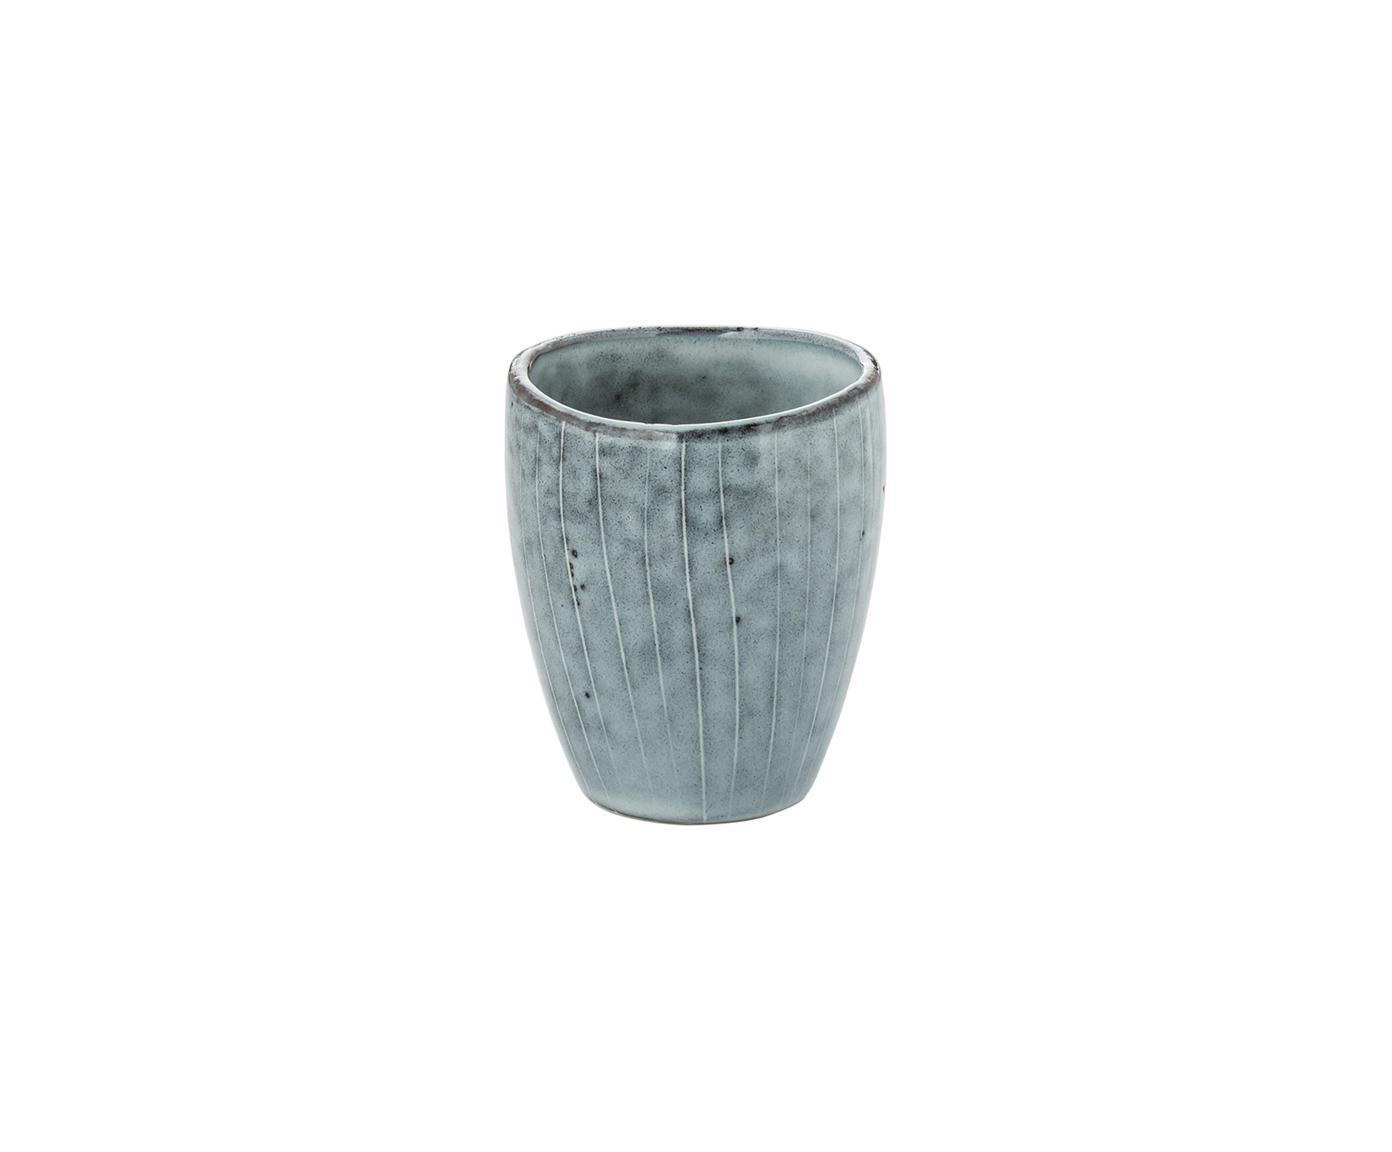 Tazza da caffè fatte a mano Nordic Sea, 6 pz., Gres, Grigio, blu, Ø 7 x A 8 cm